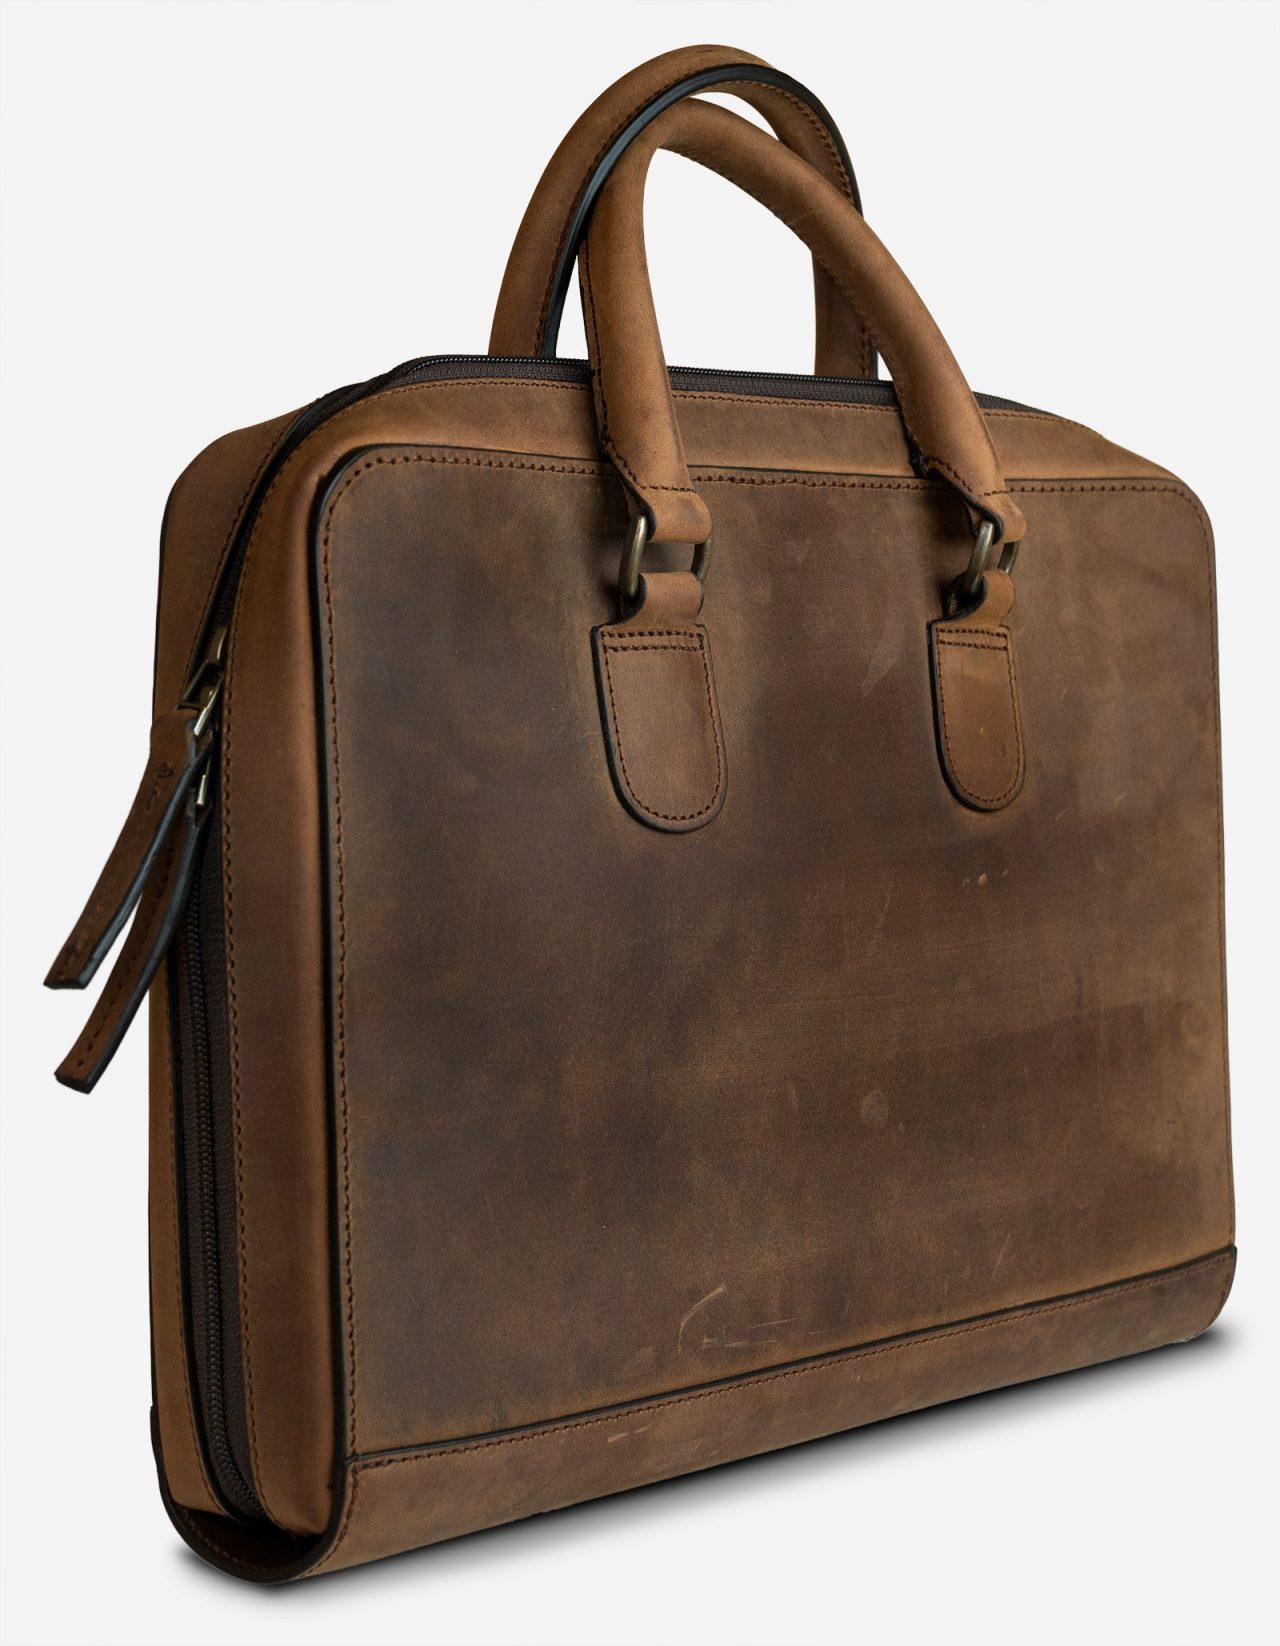 Sac en cuir brun professionnel.